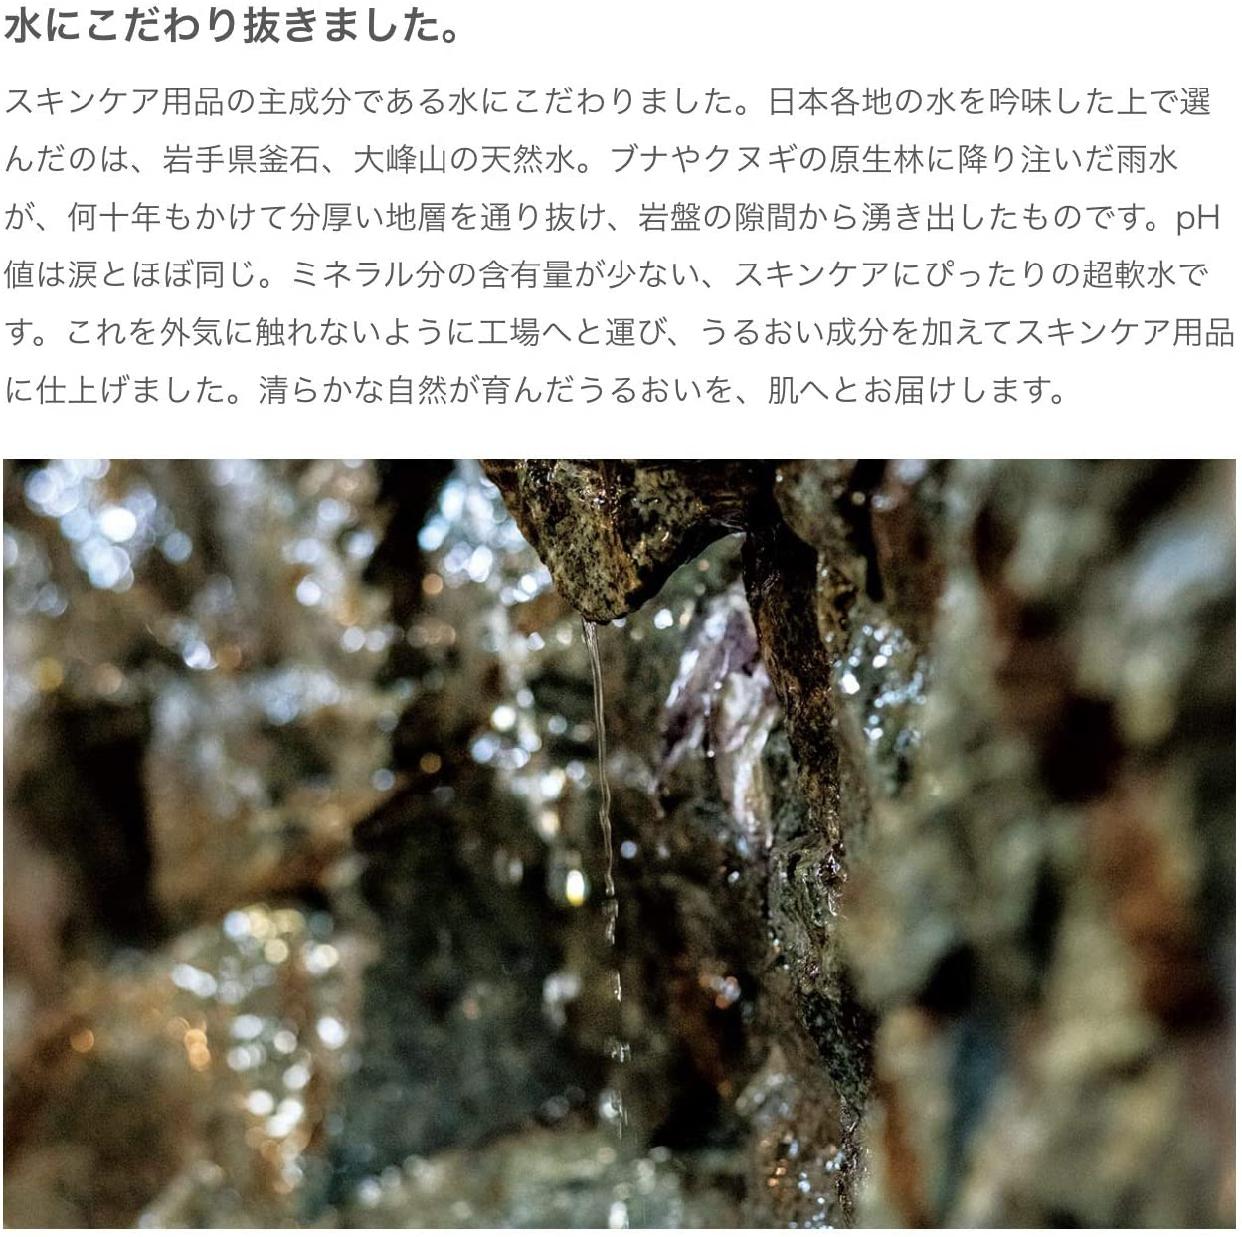 無印良品(むじるしりょうひん)化粧水 敏感肌用 高保湿タイプの商品画像12